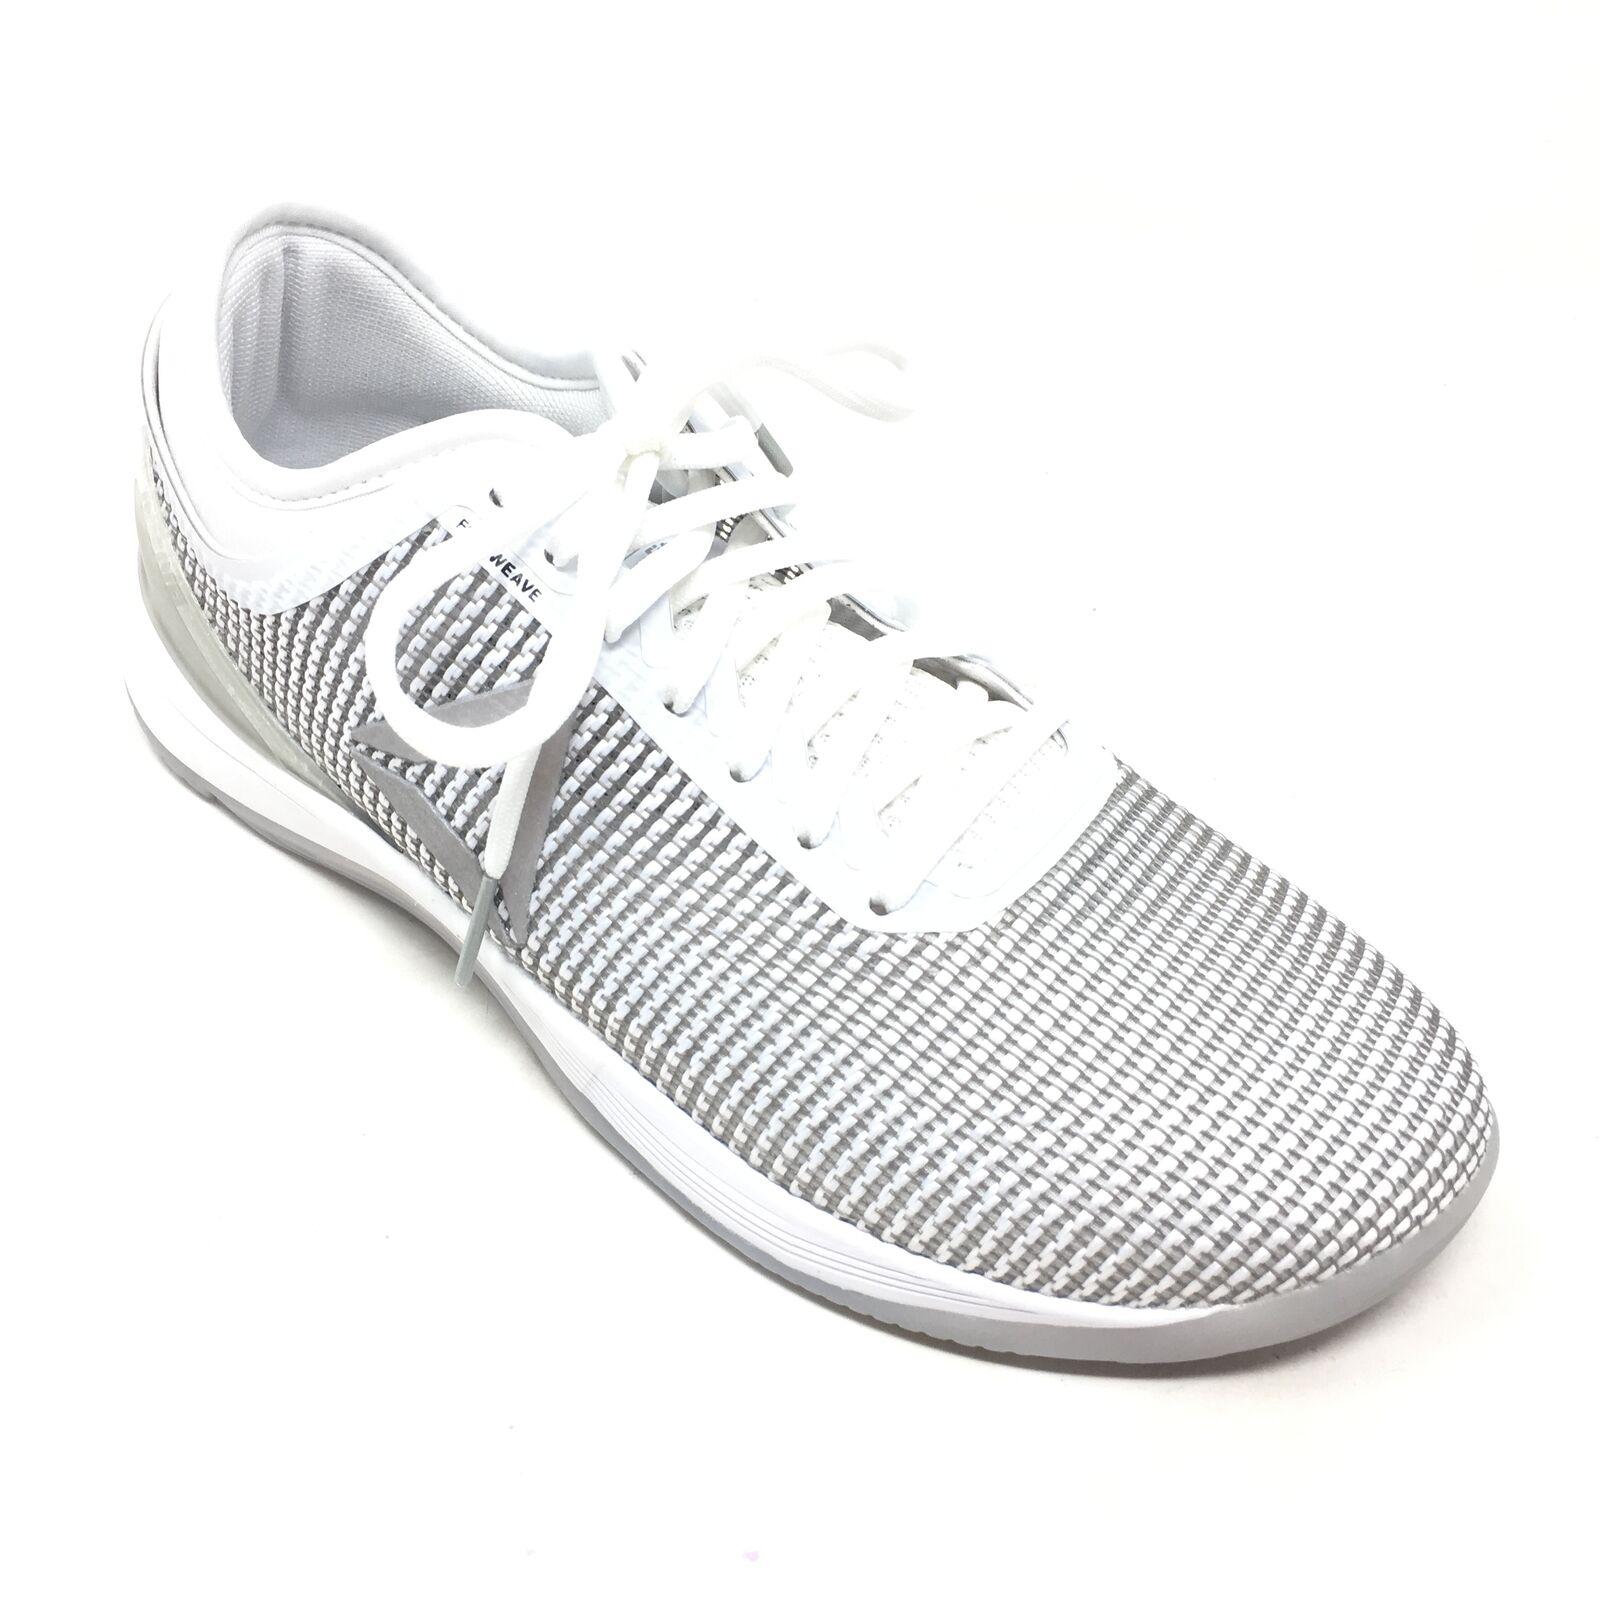 Hombre Nuevo Reebok CrossFit Nano 8 flexweave Zapatos Tenis Tamaño 8.5M gris blancoo T3